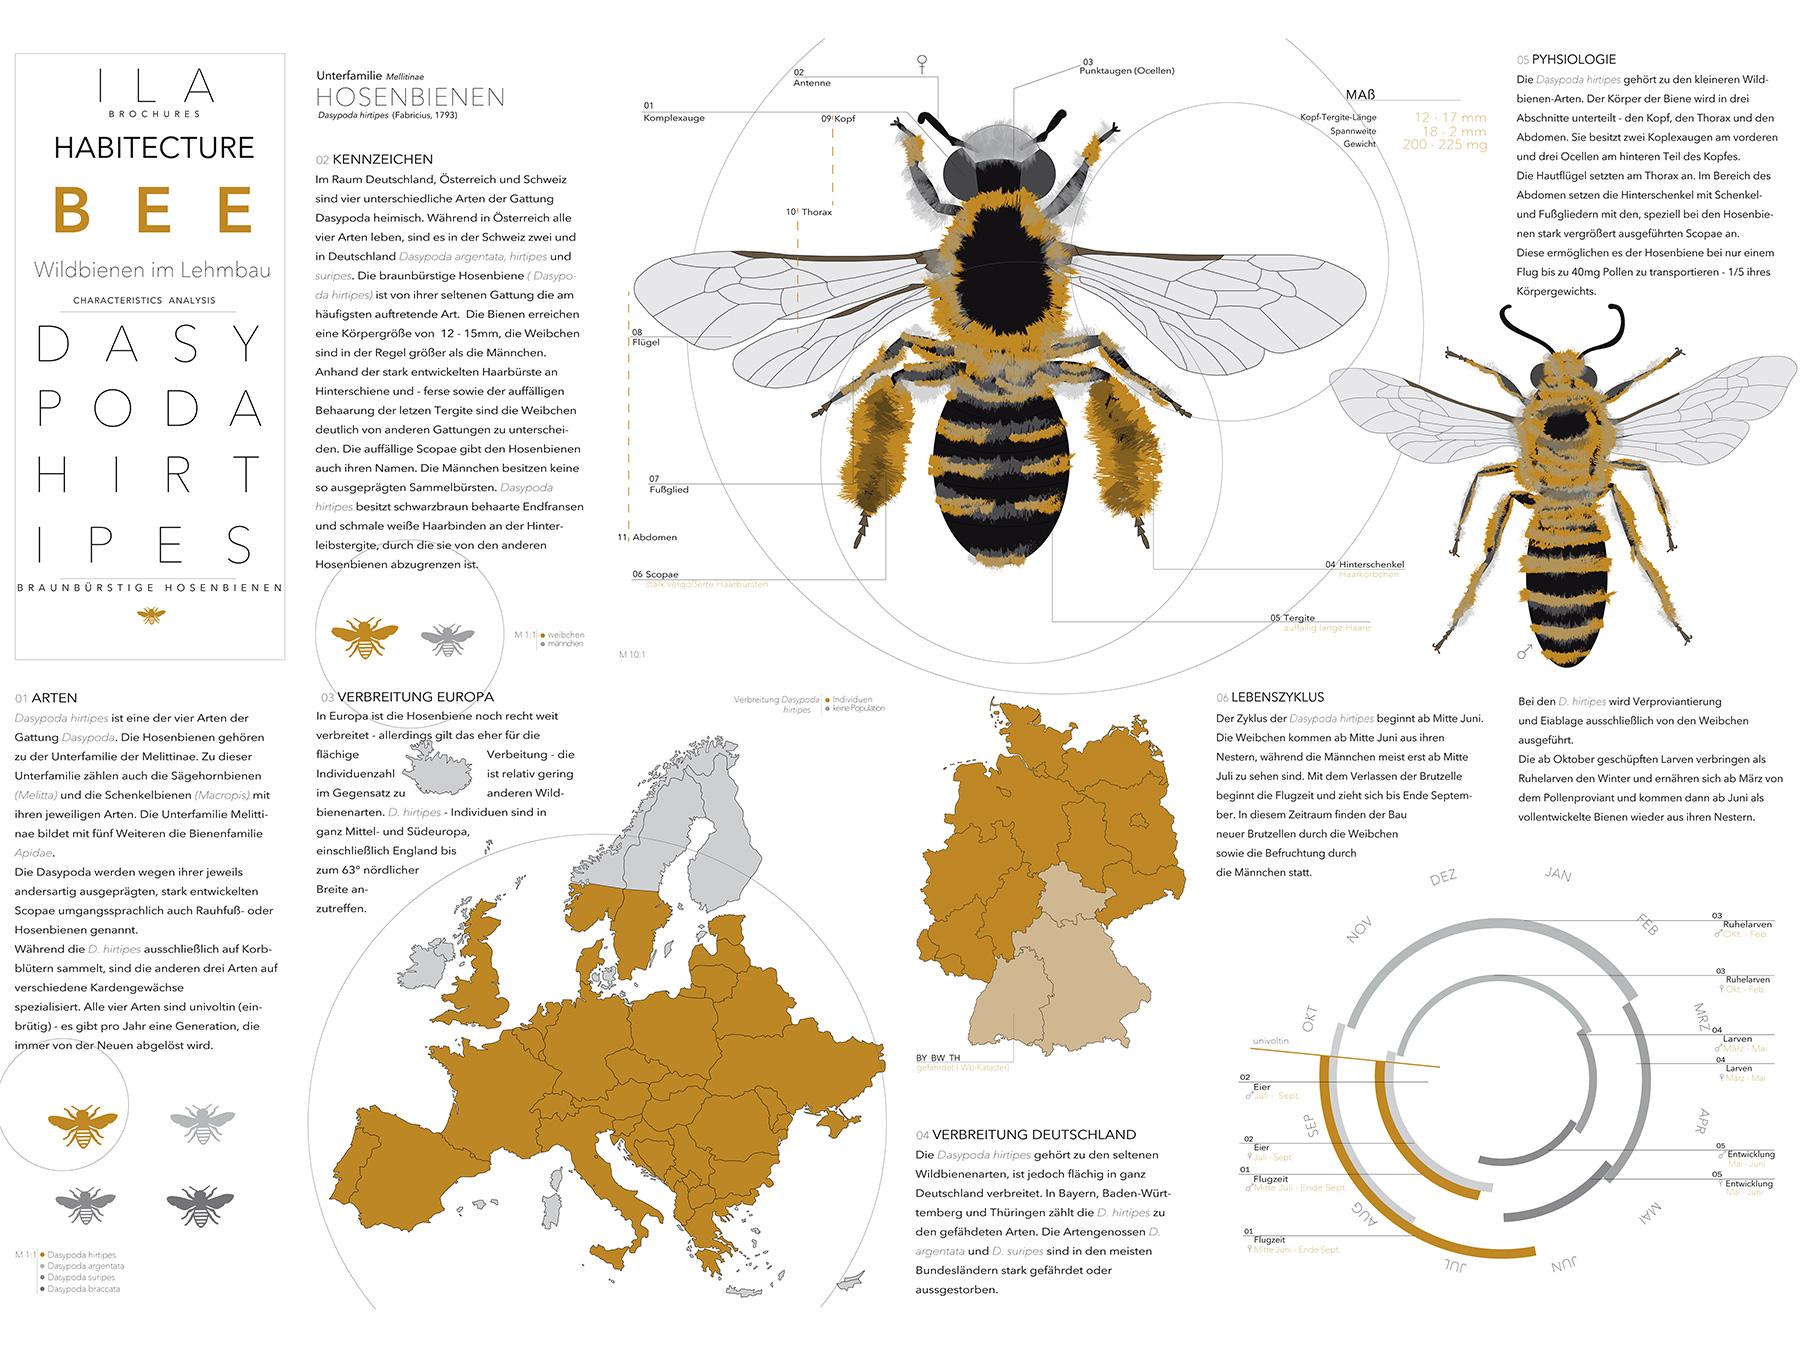 Analysen Wildbienen im Lehmbau I Braunbürstige Hosenbiene Dasypoda hirtipes I Zeichnung Louisa Strehlau - 01